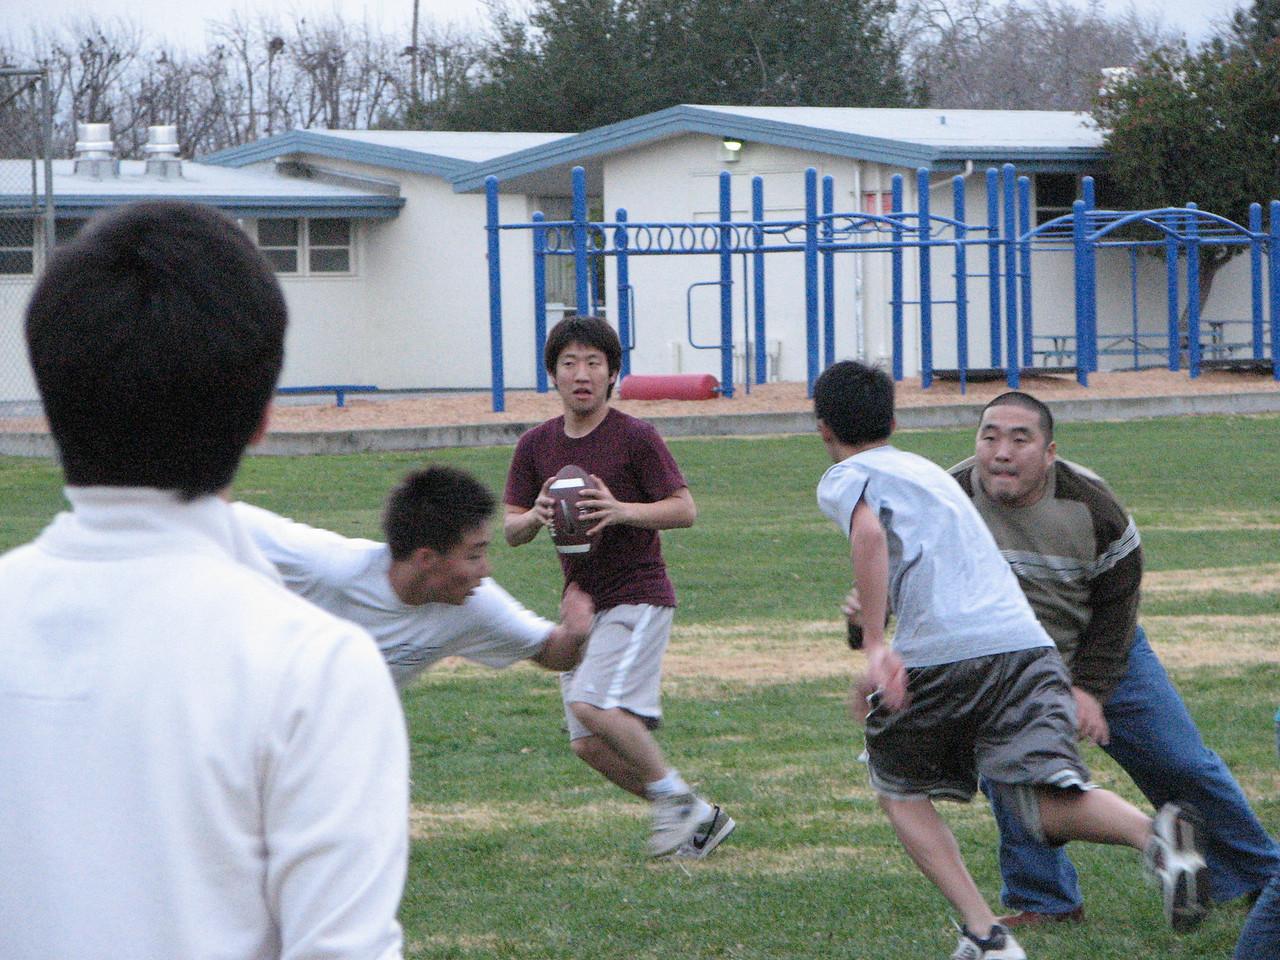 2006 12 31 Sun - Junghan Kim setting up pass